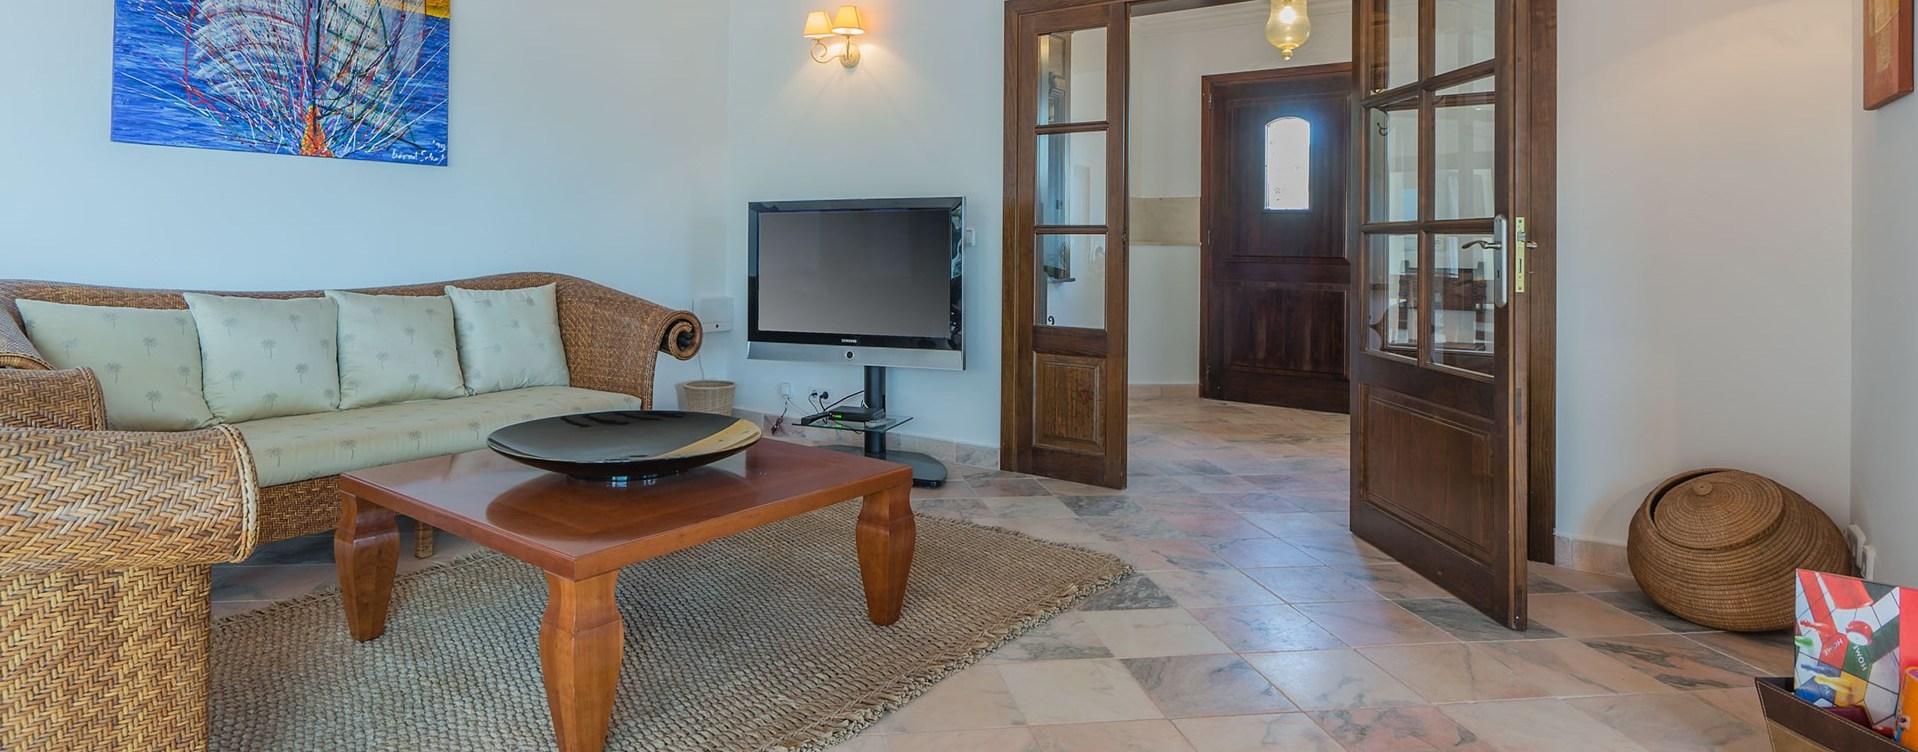 el-mirador-tv-room